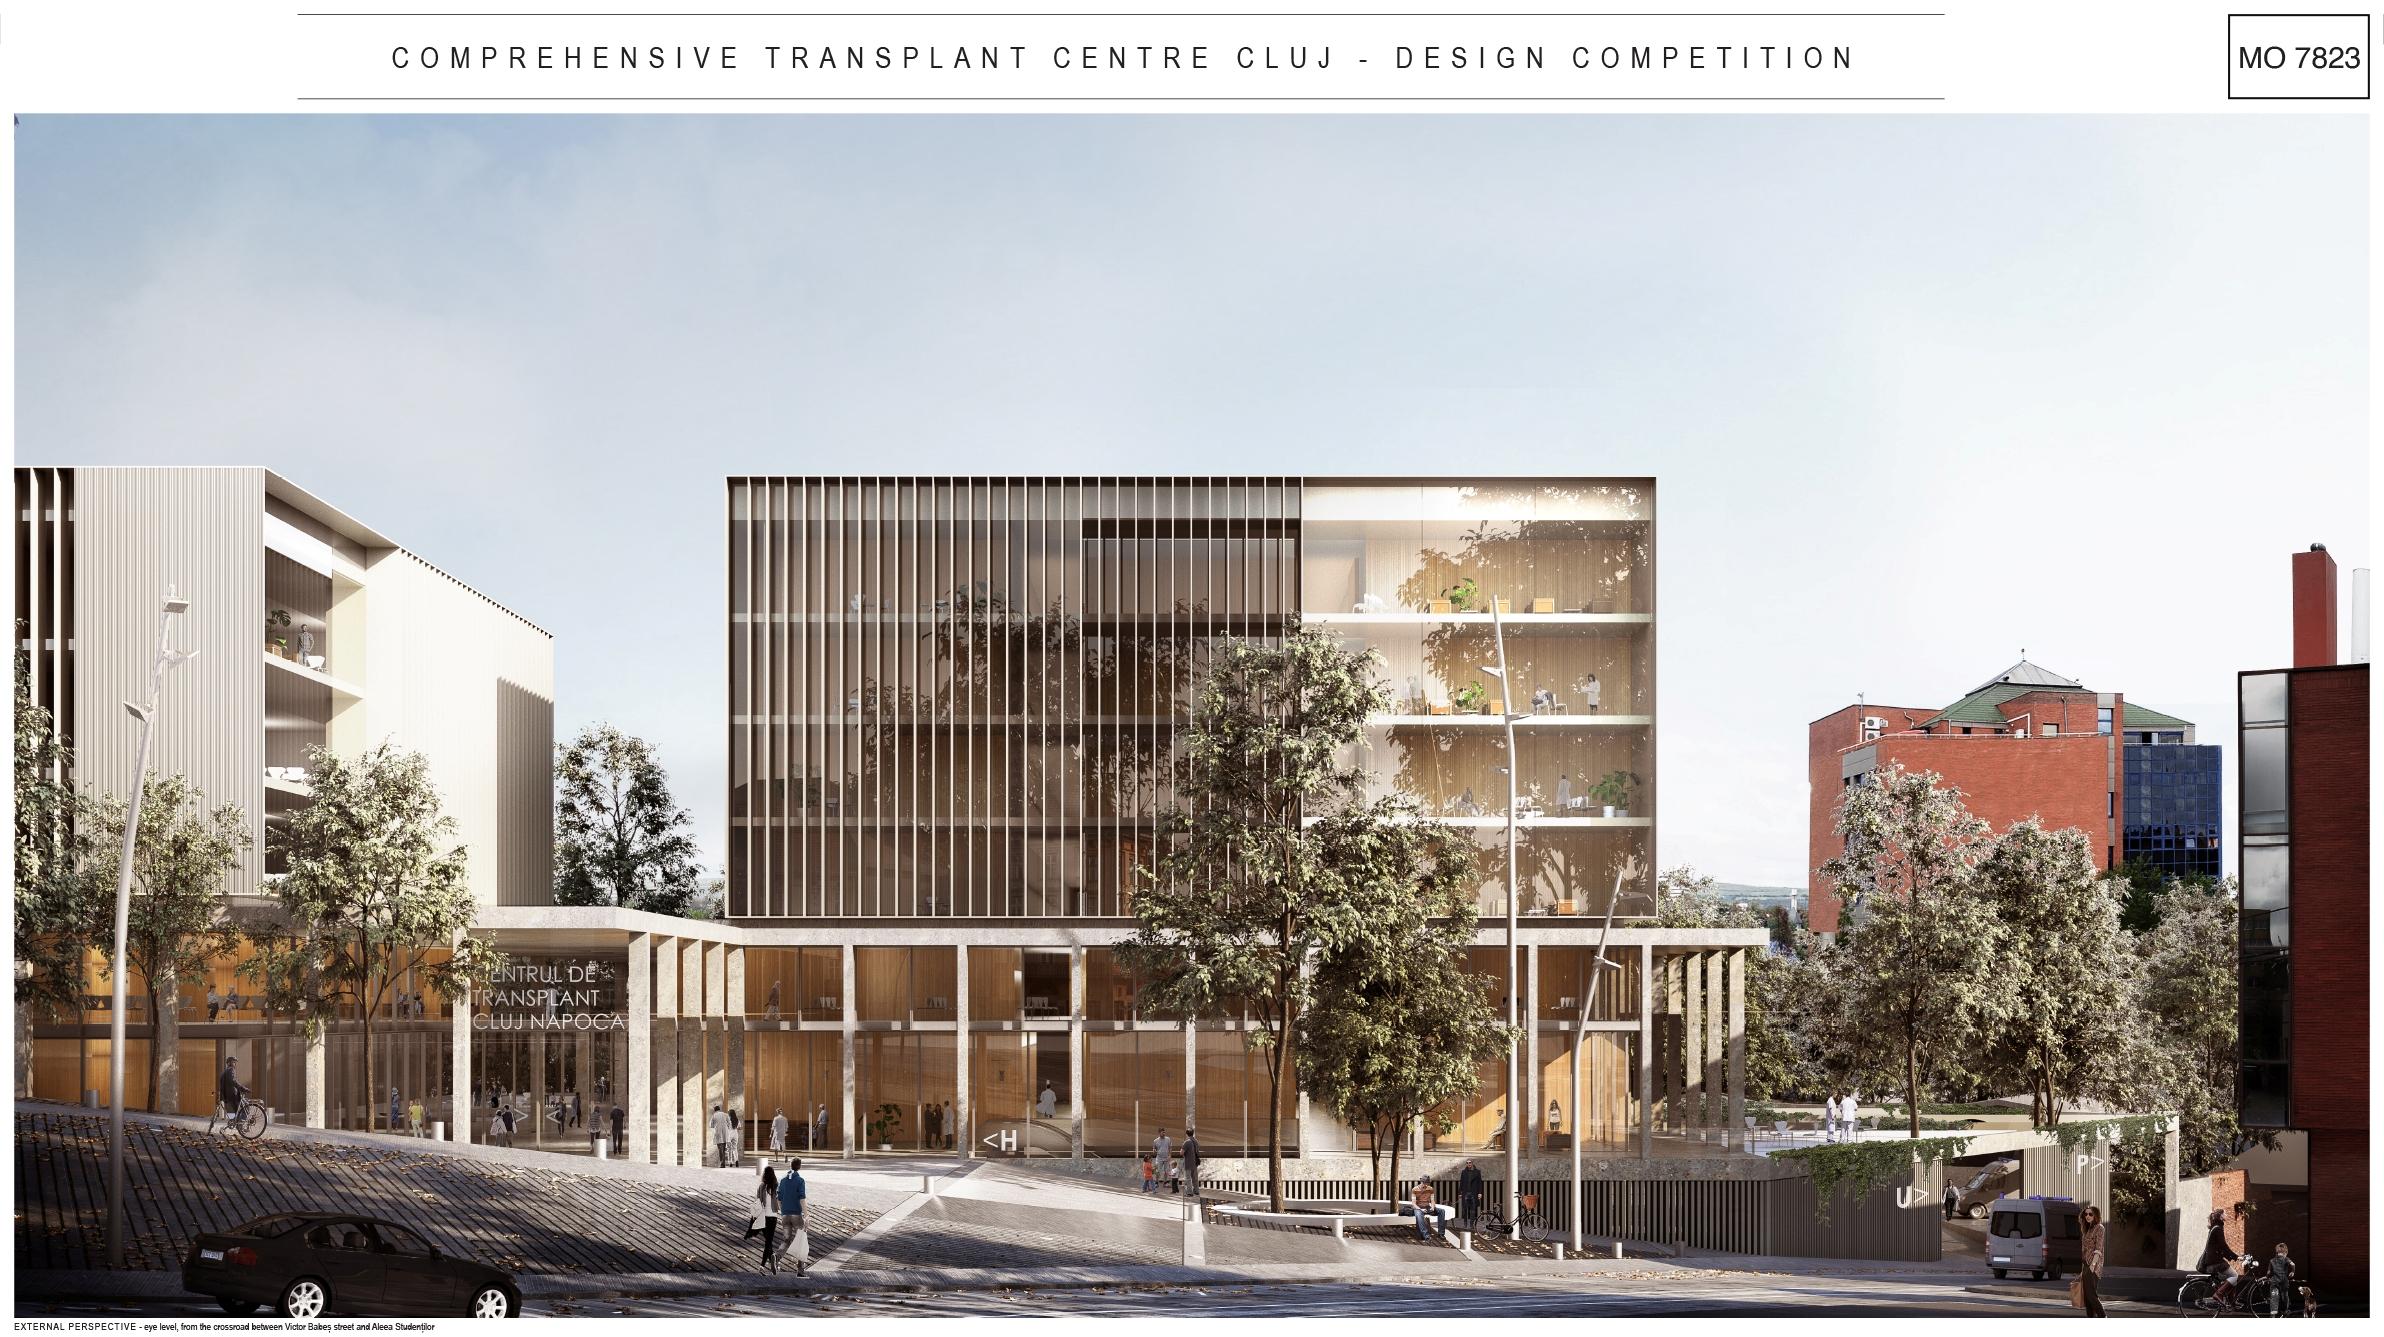 La Cluj-Napoca se construiește primul Centru Integrat de Transplant din România şi din SE Europei